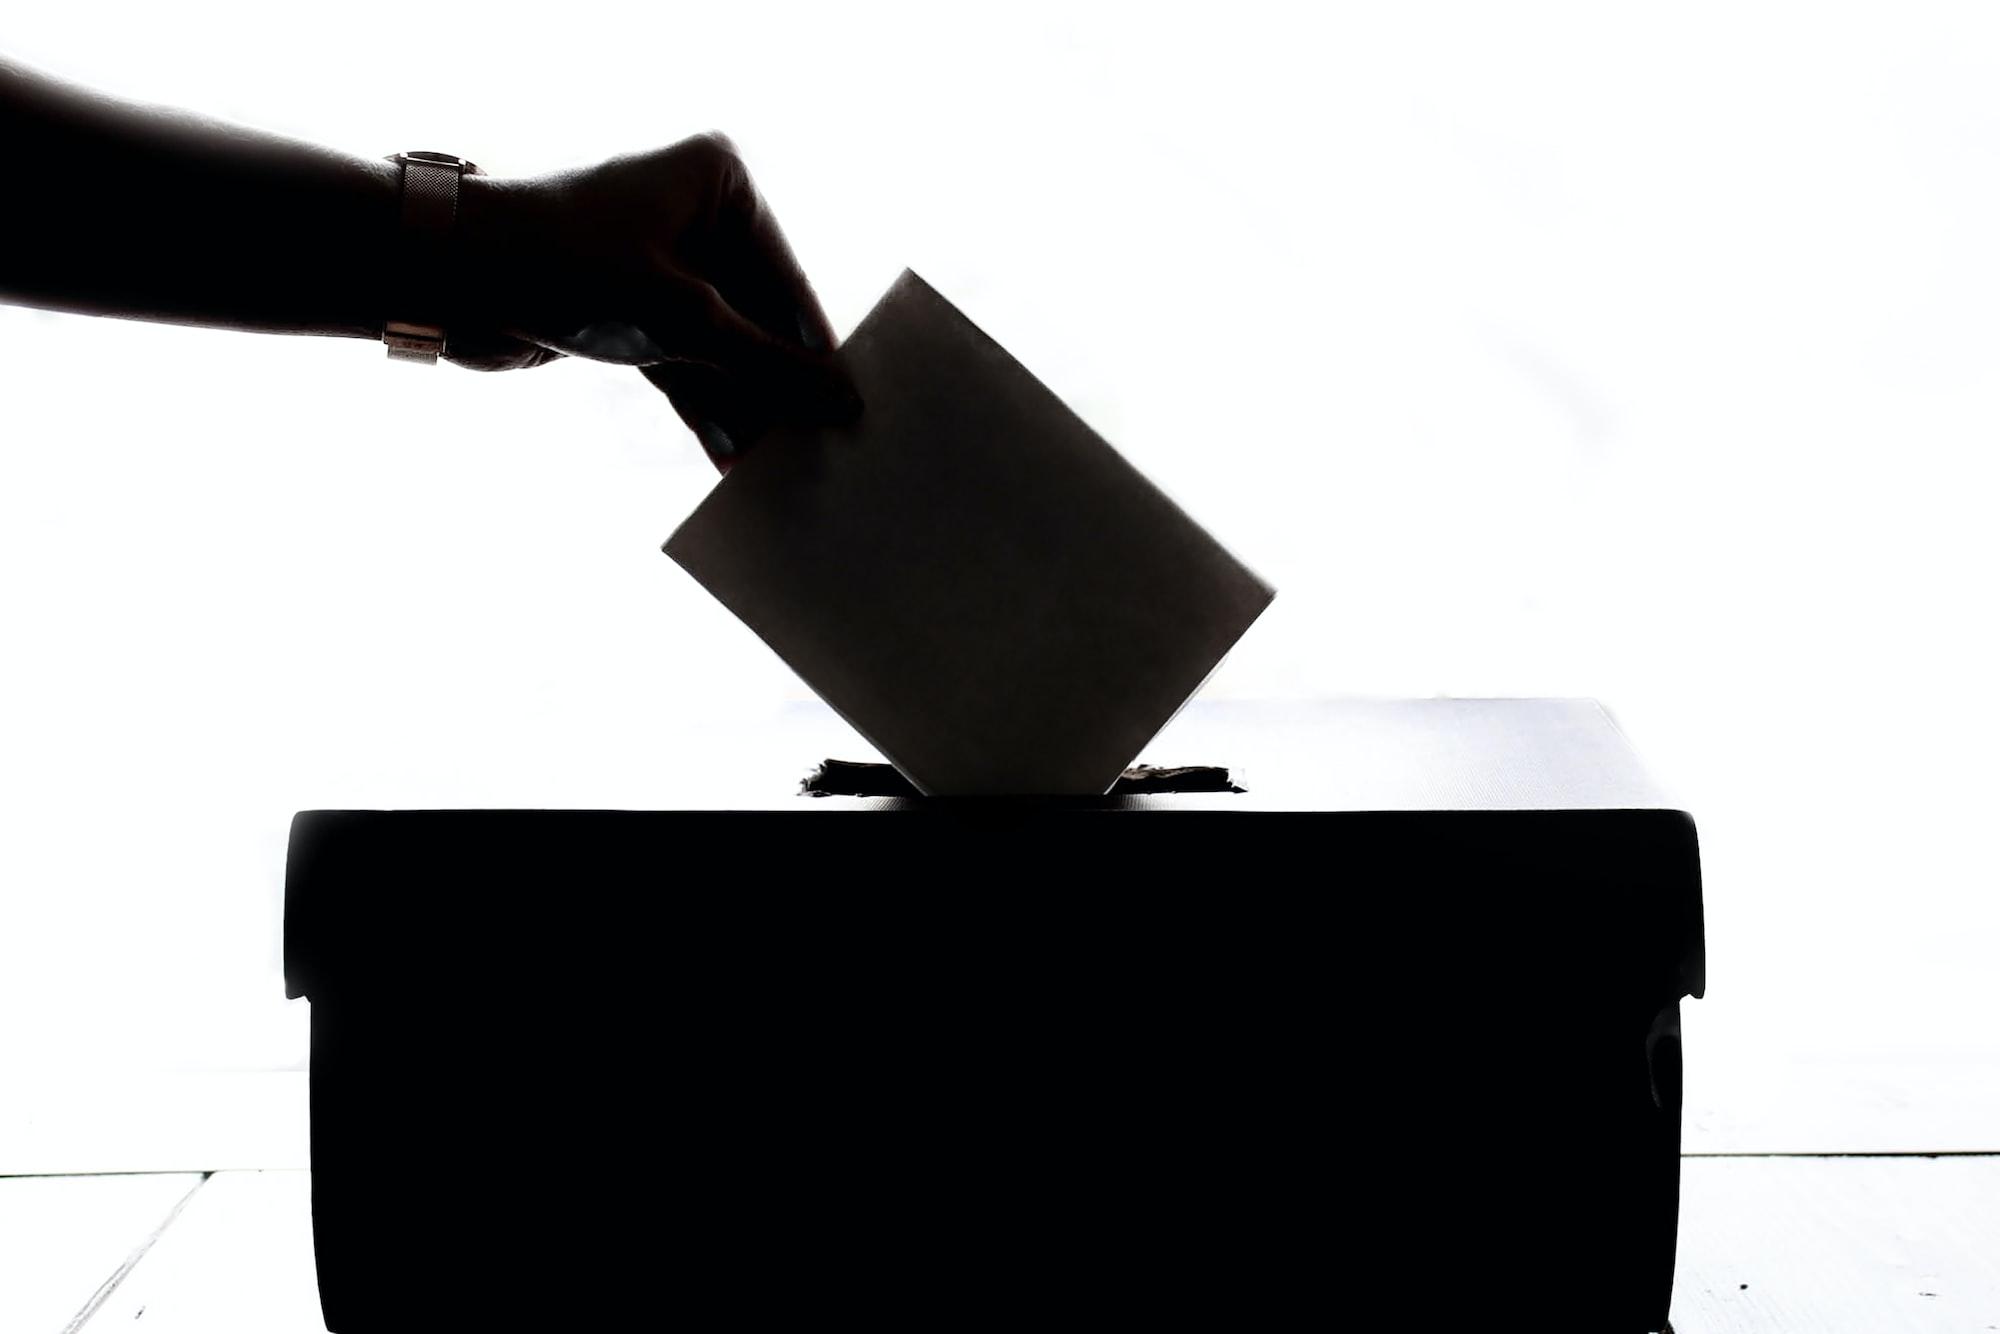 Des élections fédérales inutiles et dommageables